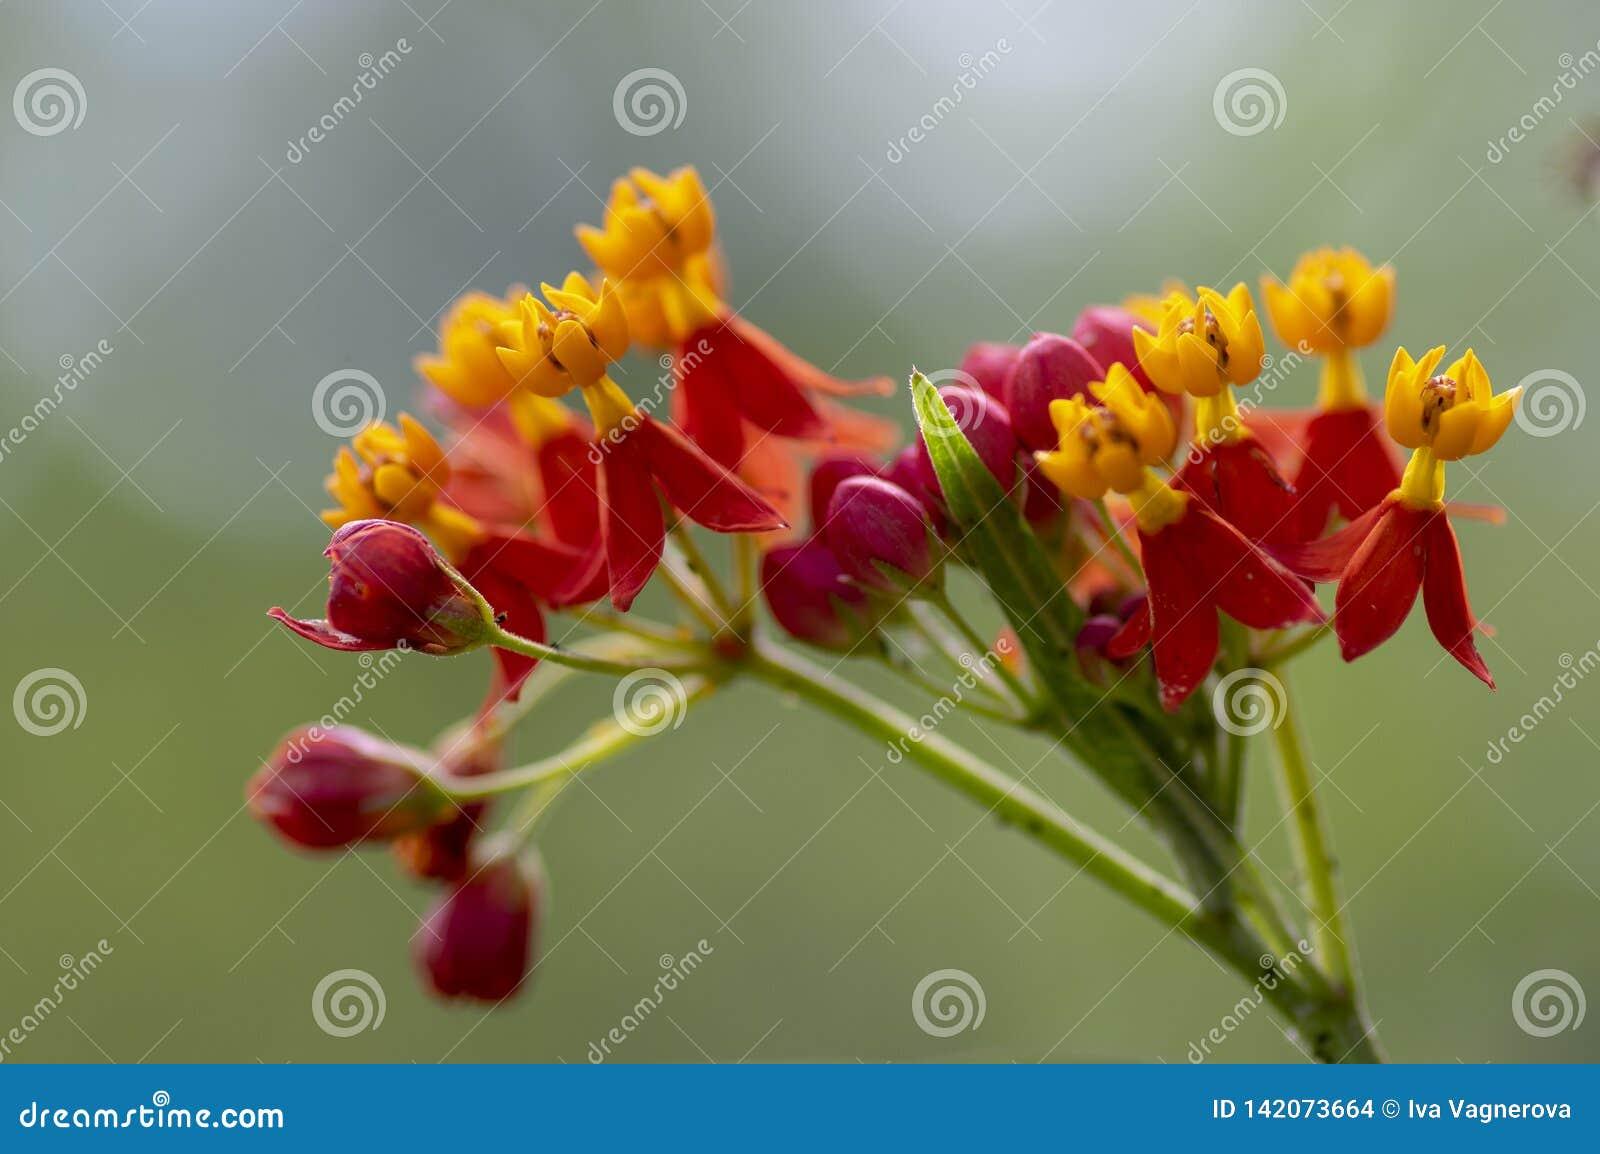 Asclepias curassavica tropische schöne Blumen in der Blüte, rote orange gelbe blühende Pflanze